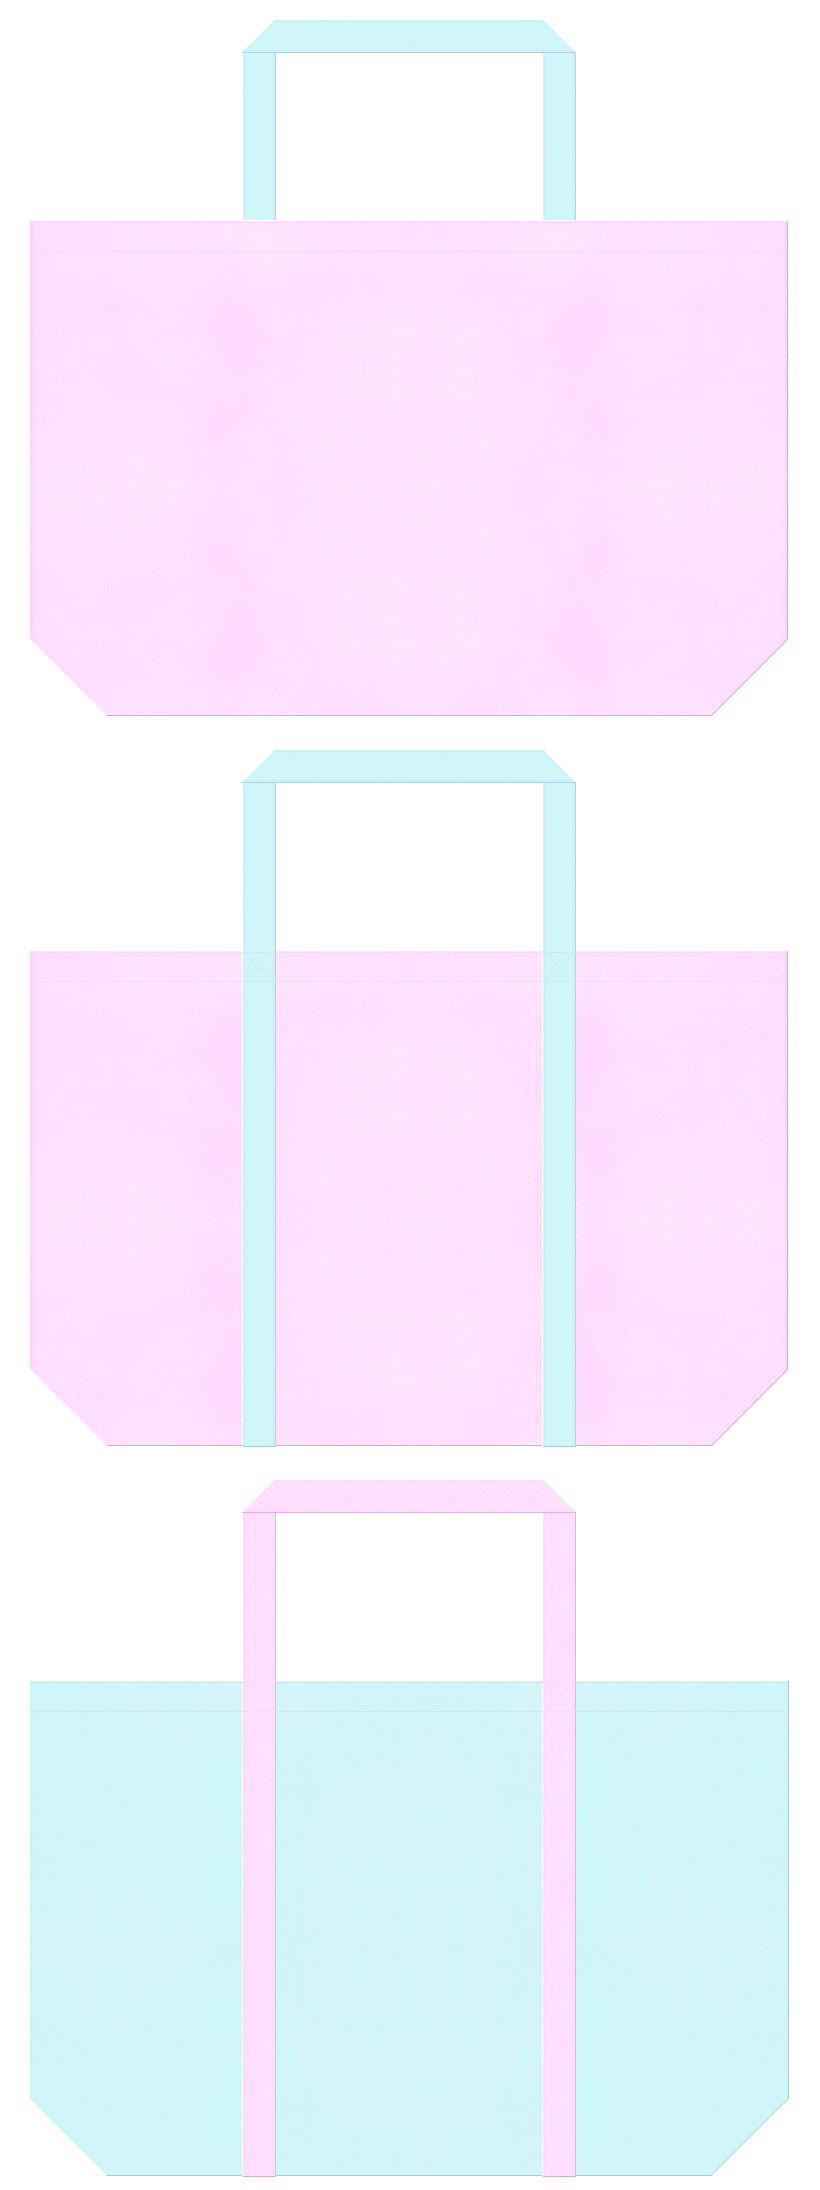 桜・お花見・マーメイド・妖精・プリンセス・ドリーム・潤い・美容・コスメ・洗剤・シャンプー・石鹸・入浴剤・バス用品・パステルカラー・ガーリーデザインにお奨めの不織布バッグデザイン:明るいピンク色と水色のコーデ